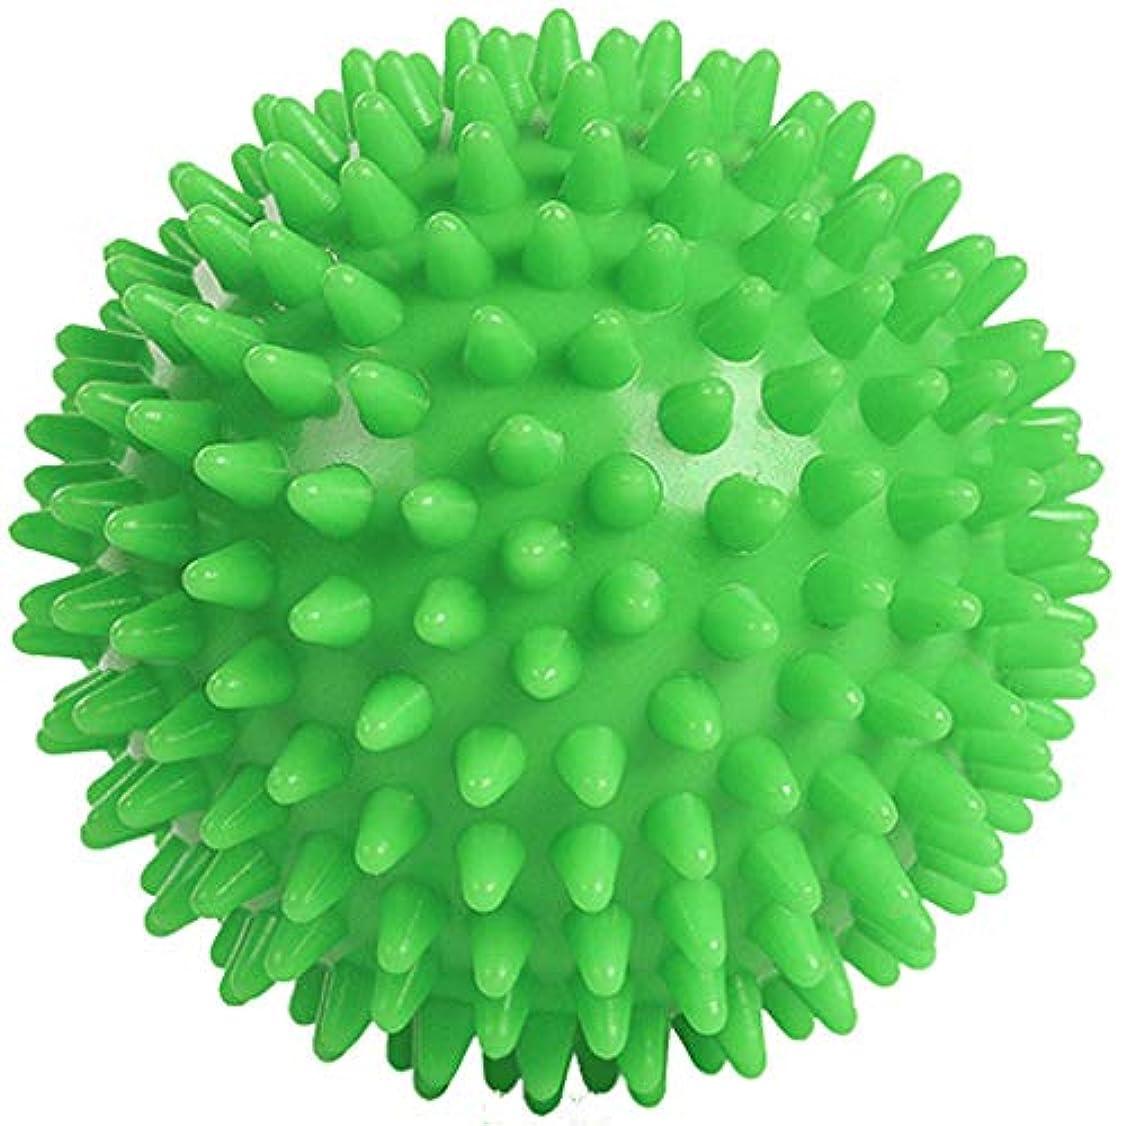 急行する時代レシピArichops リフレックスボール 触覚ボール 足裏手 背中のマッサージボール リハビリ マッサージ用 血液循環促進 筋肉緊張 圧迫で解きほぐす 【純正品】